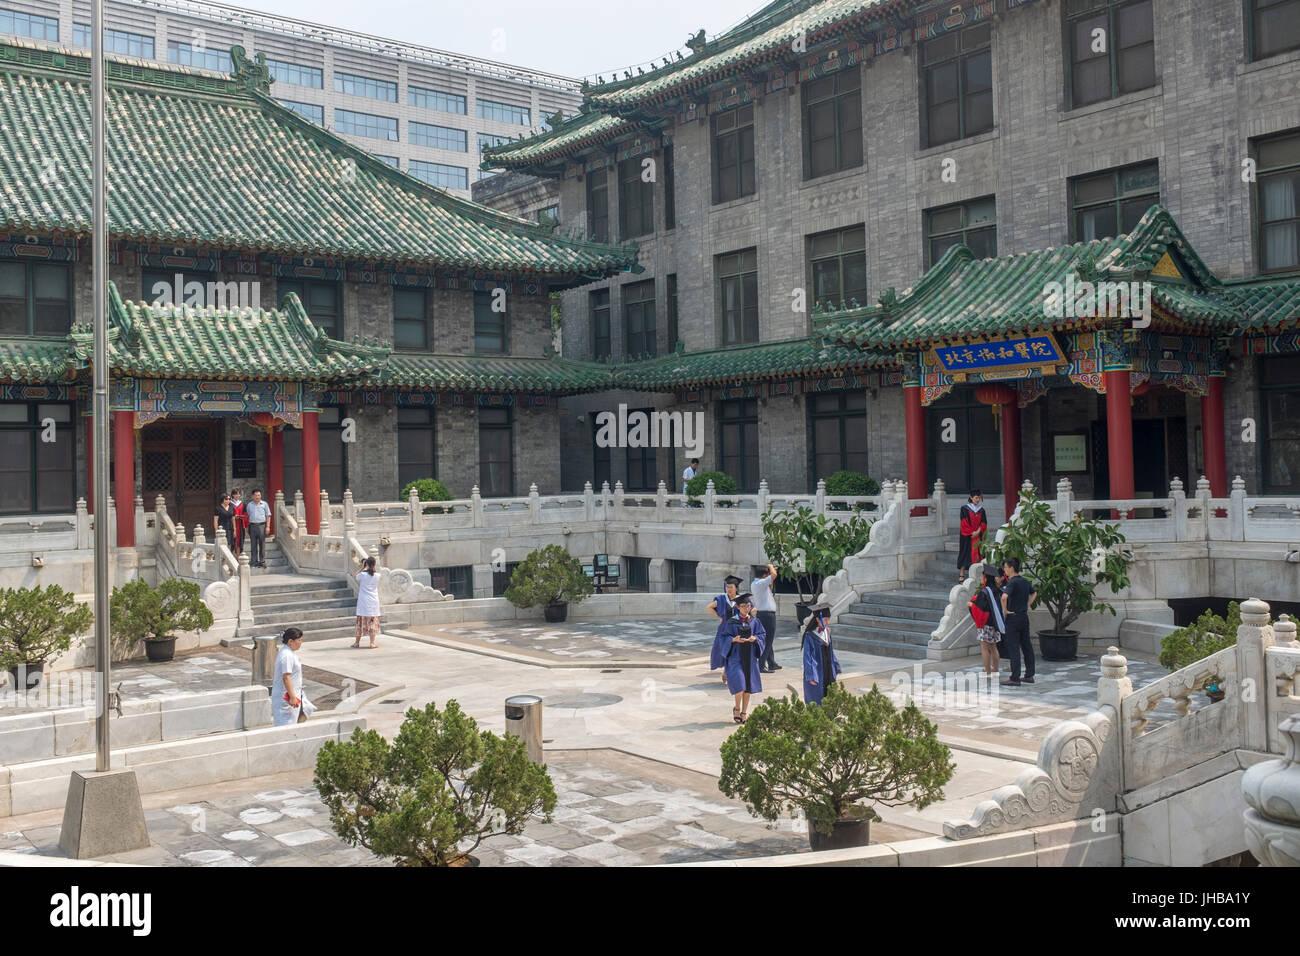 Peking Union Medical College Hospital wurde 1921 von Rockefeller-Stiftung gegründet. Stockbild